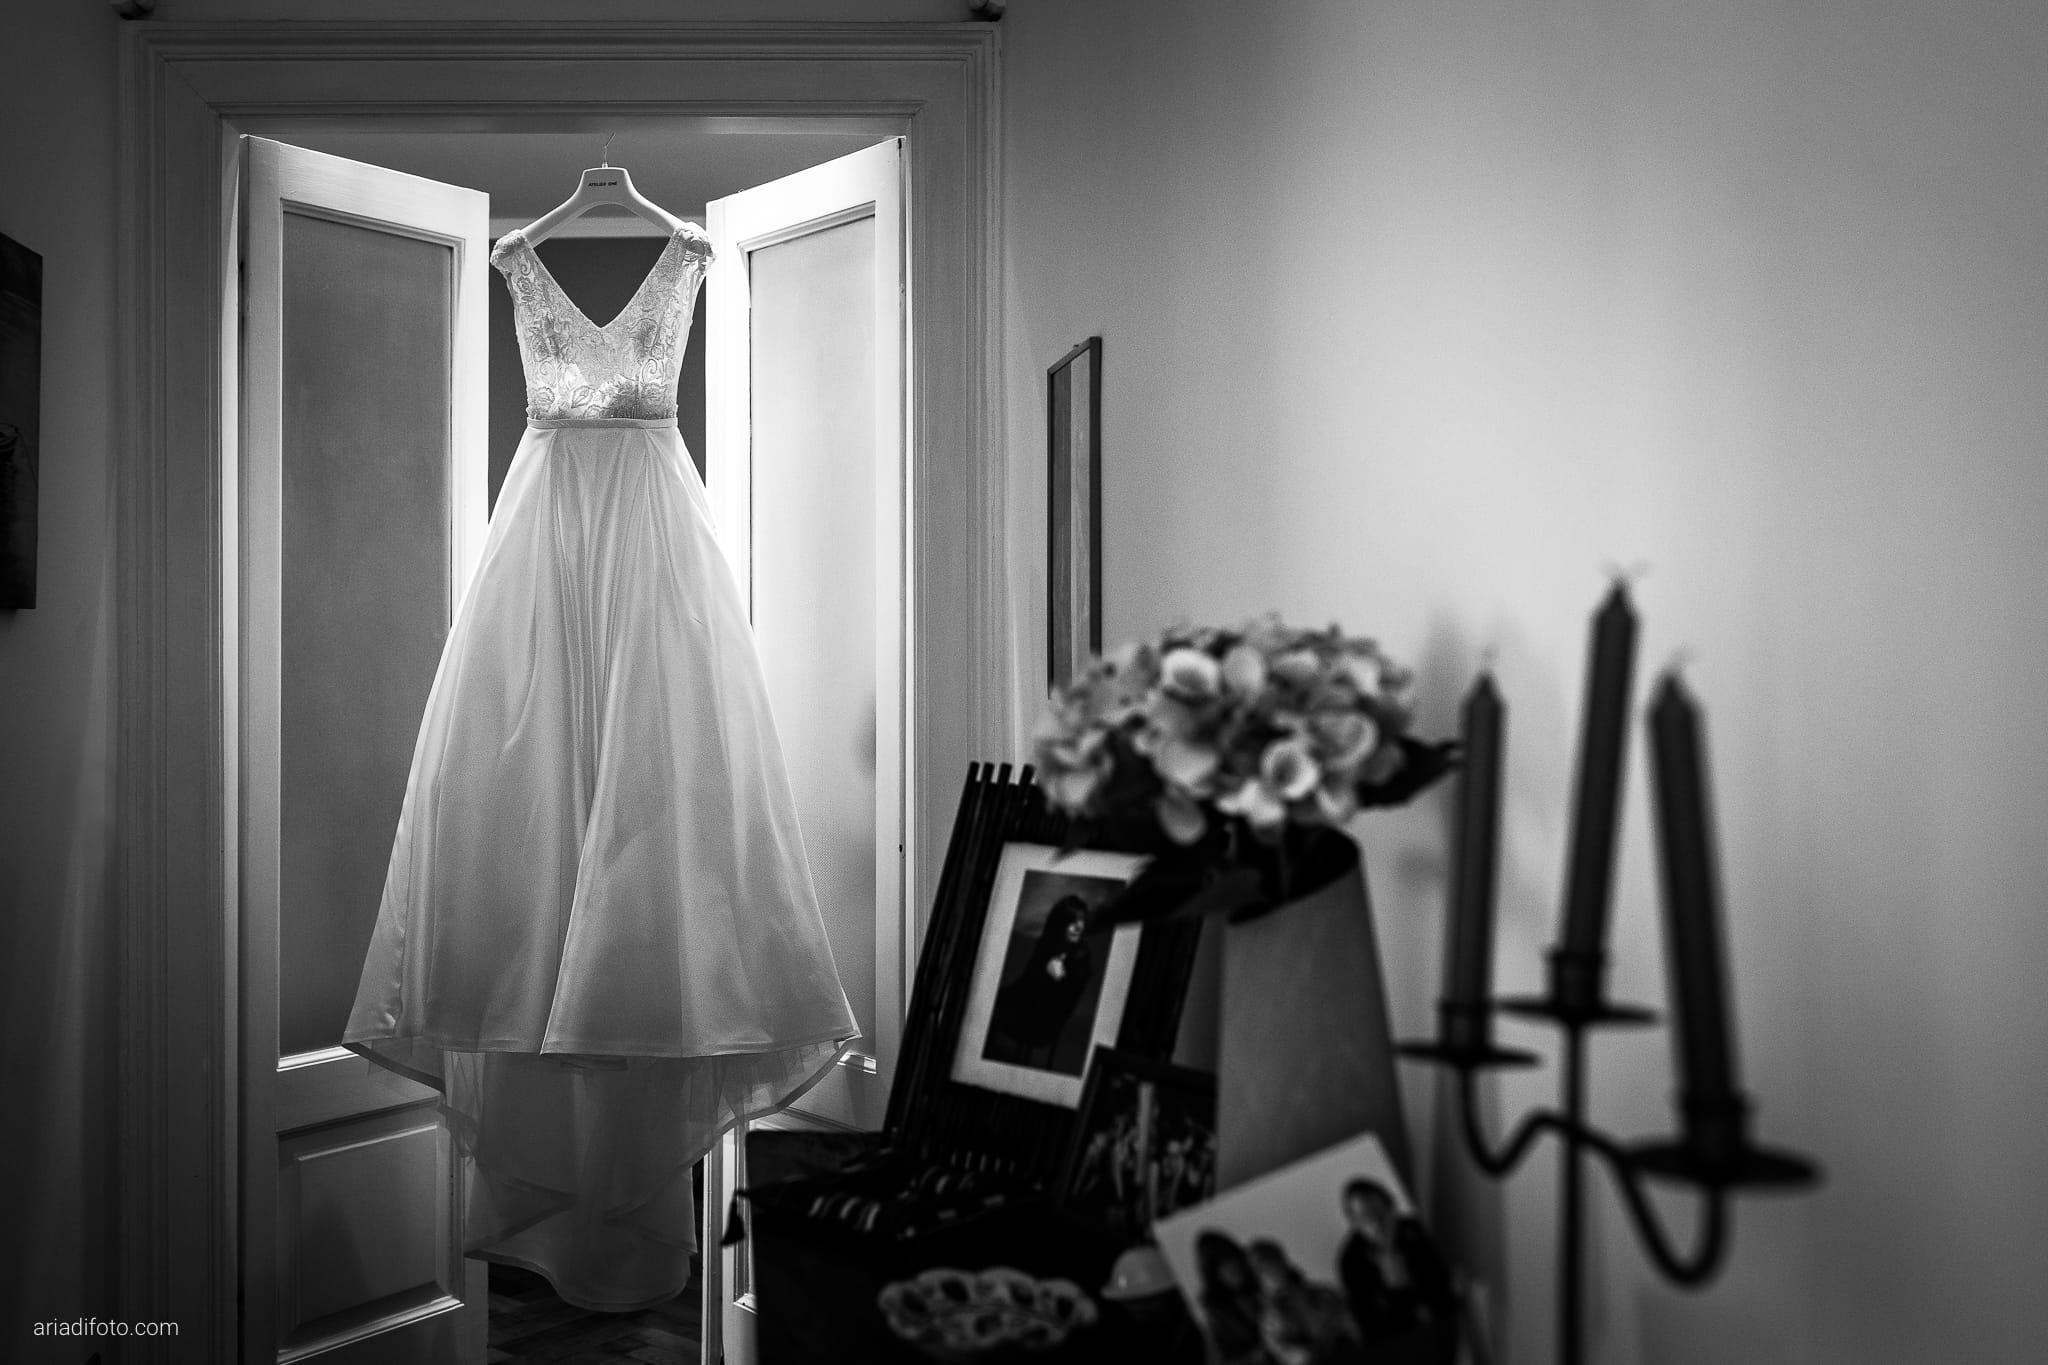 Giorgia Davide Matrimonio Muggia Trieste Baronesse Tacco San Floriano Del Collio Gorizia preparazioni sposa dettagli abito